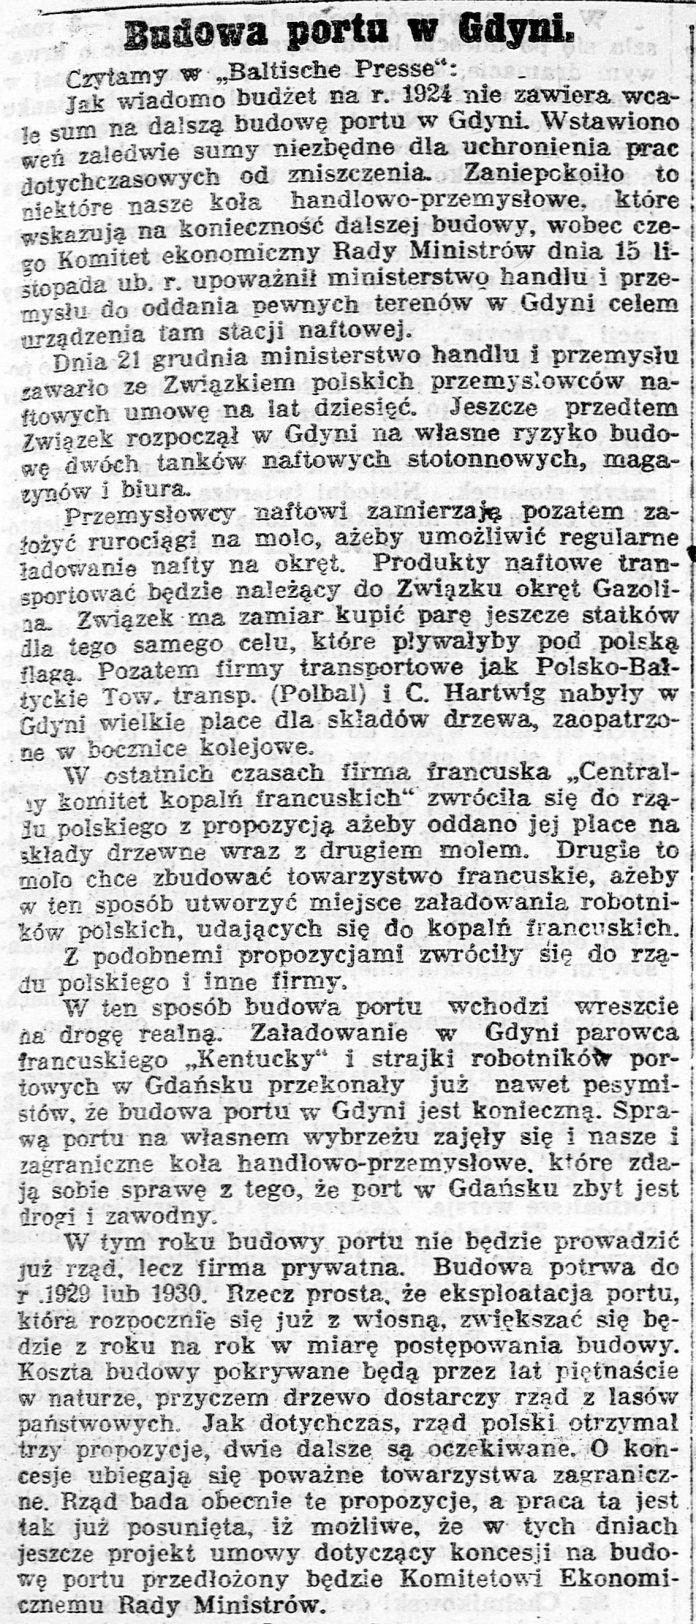 Budowa portu w Gdyni // Kurjer Poznański. - 1924, nr 24, s. 9